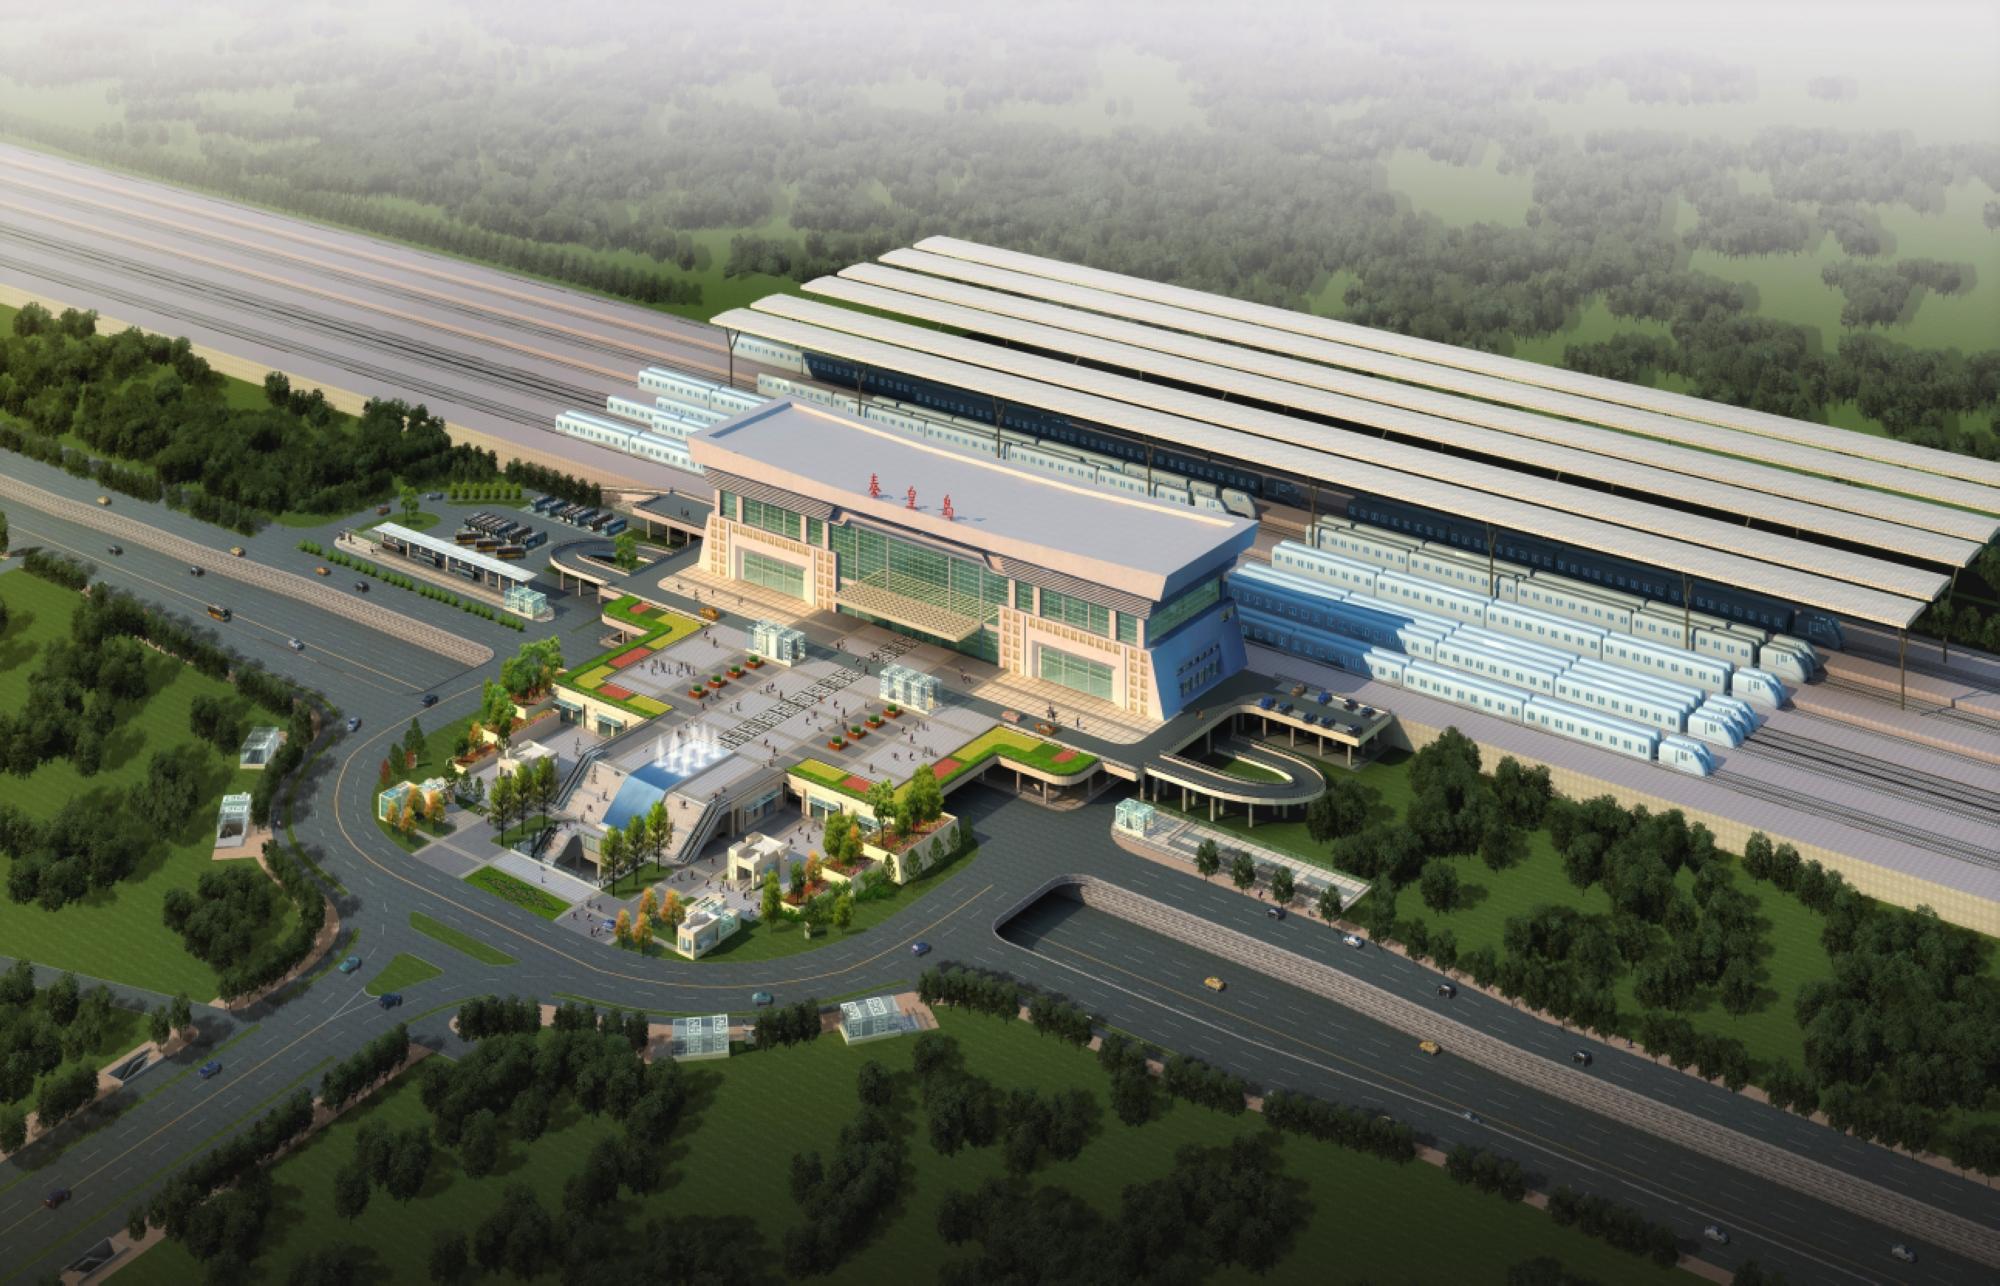 最新的秦皇岛火车站建成效果图及底商分布图首度公开